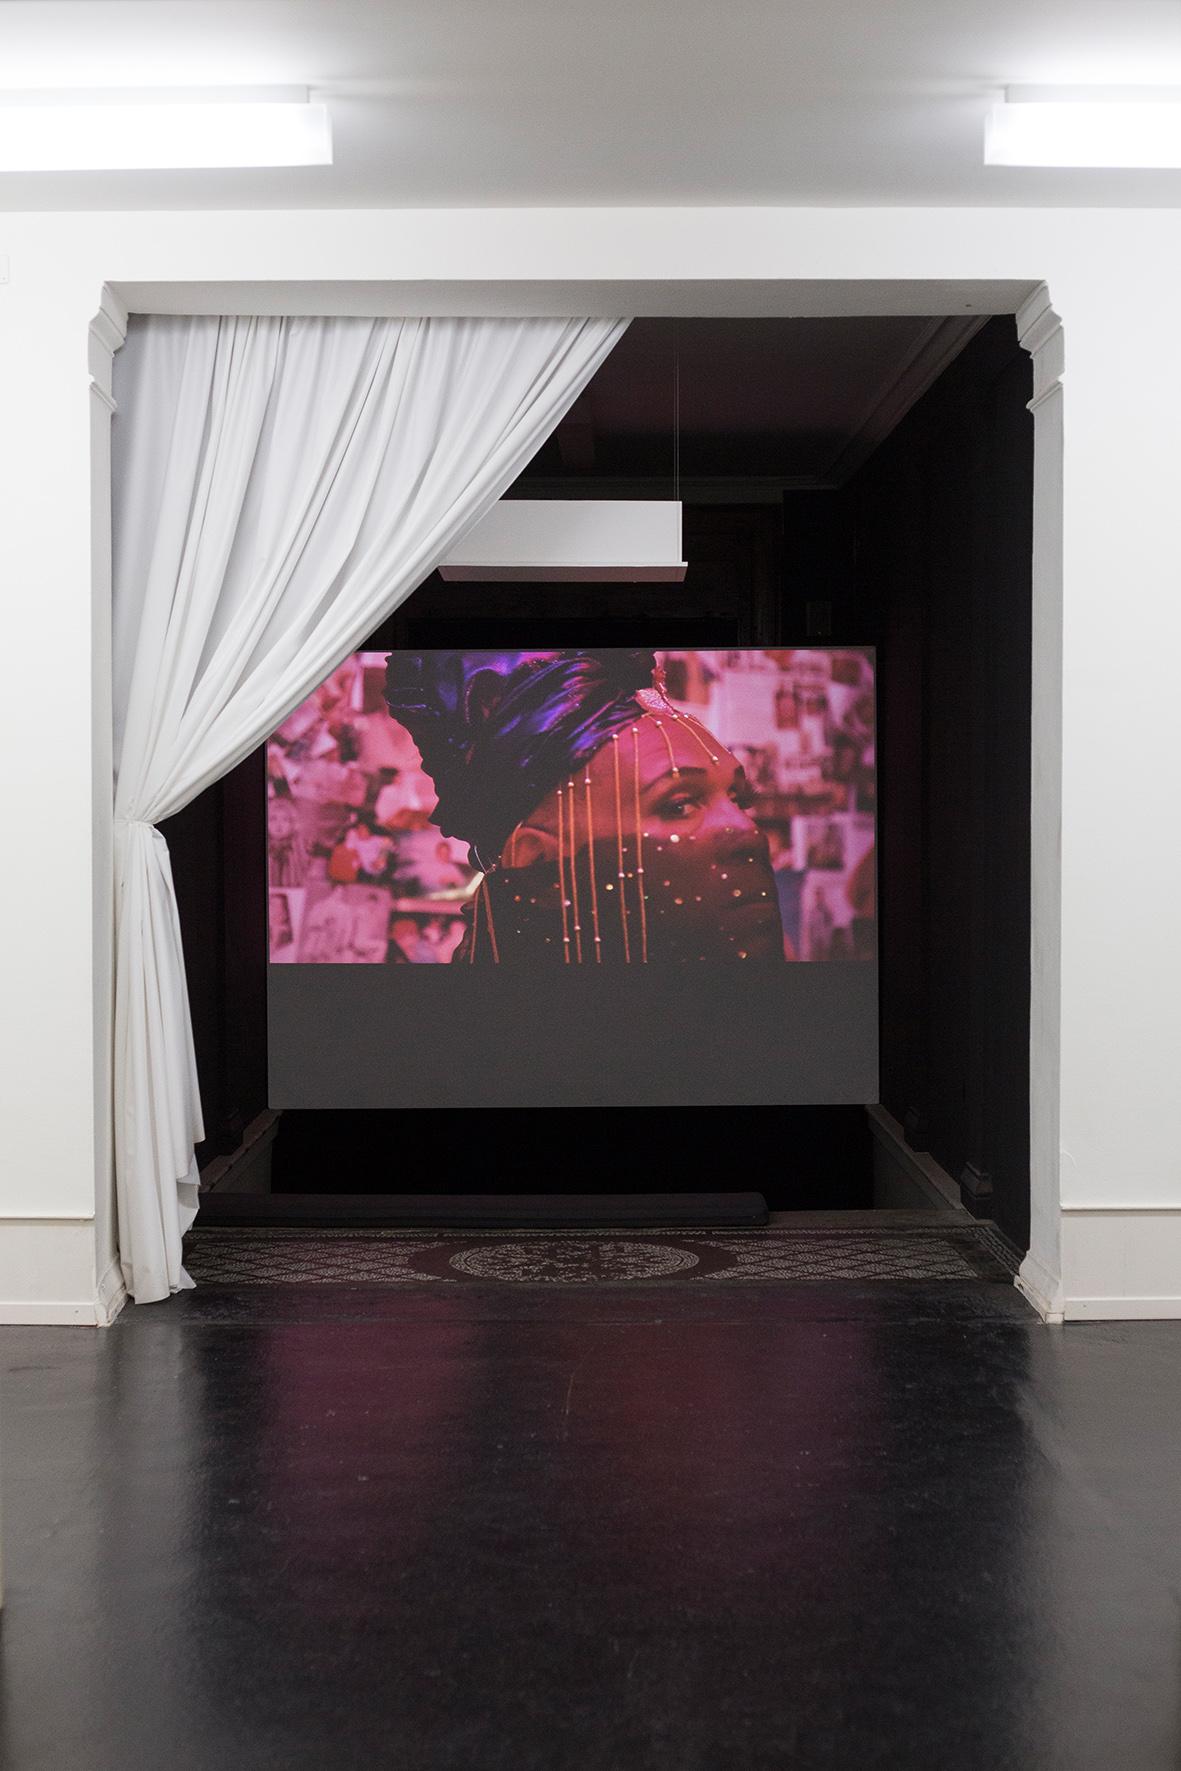 Durch eine grosse, offene Tür mit einem weissen Vorhang an der Seite erkennt man eine Bildprojektion auf der Wand. Darauf wird ein rötlich gefärbtes Bild ersichtlich, auf dem eine Frau mit Schleier und Kopfbedeckung ist. Ausserdem liegt vor der Wand ein orientalischer Teppich.